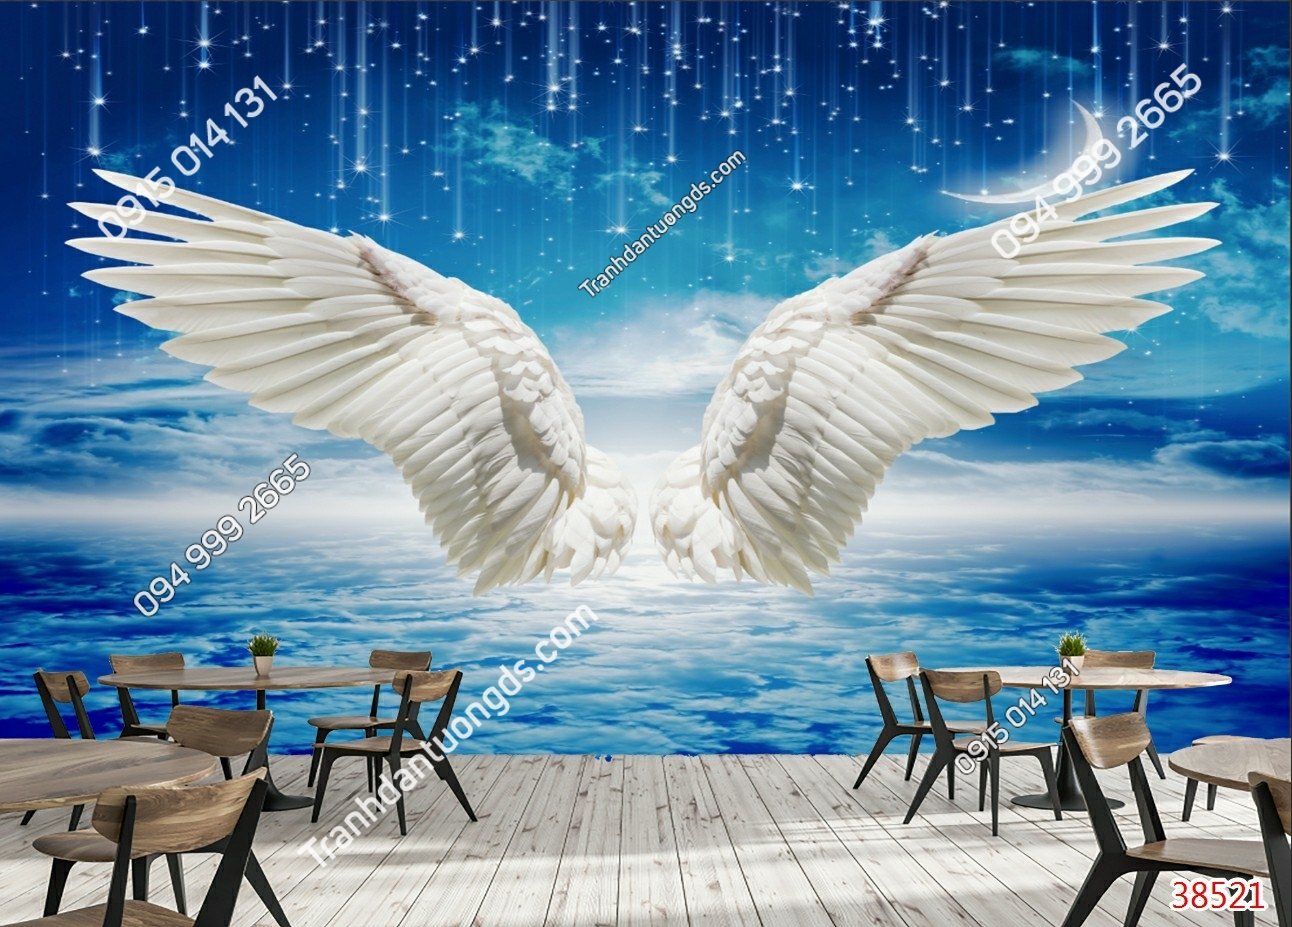 Tranh dán tường đôi cánh thiên thần trắng dán quán cafe 38521